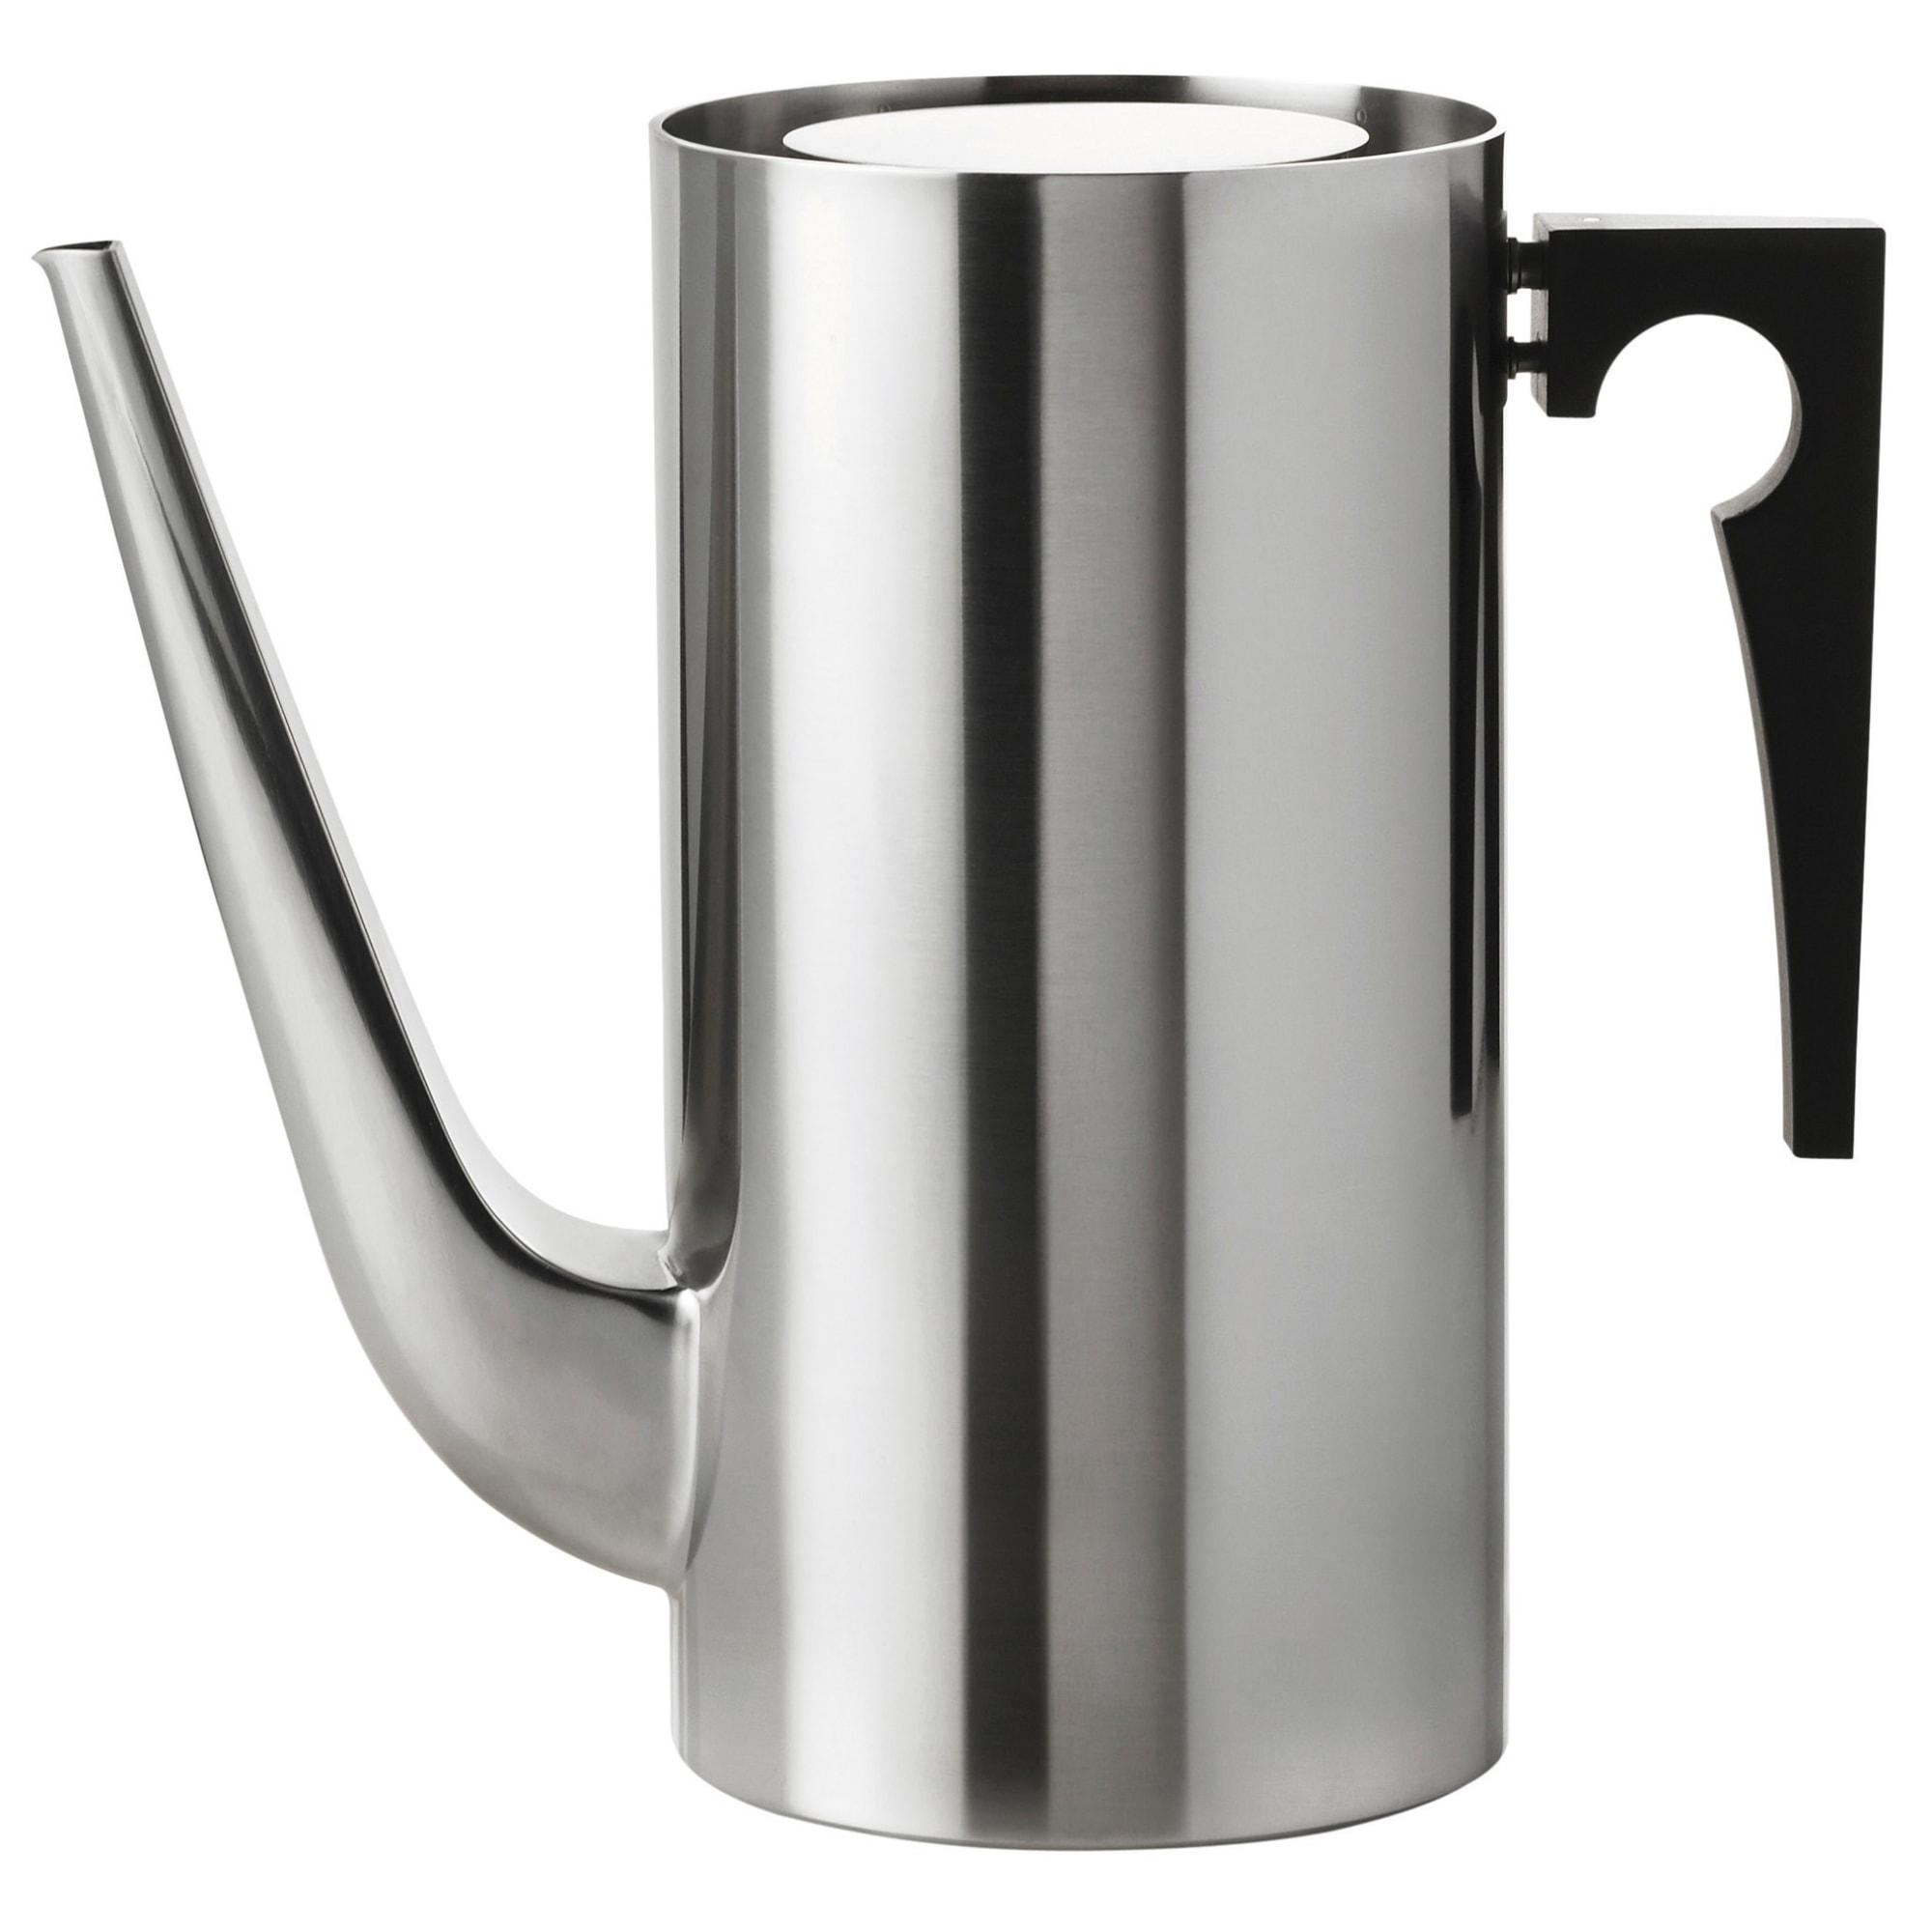 1,5 liter - Designet af Arne Jacobsen